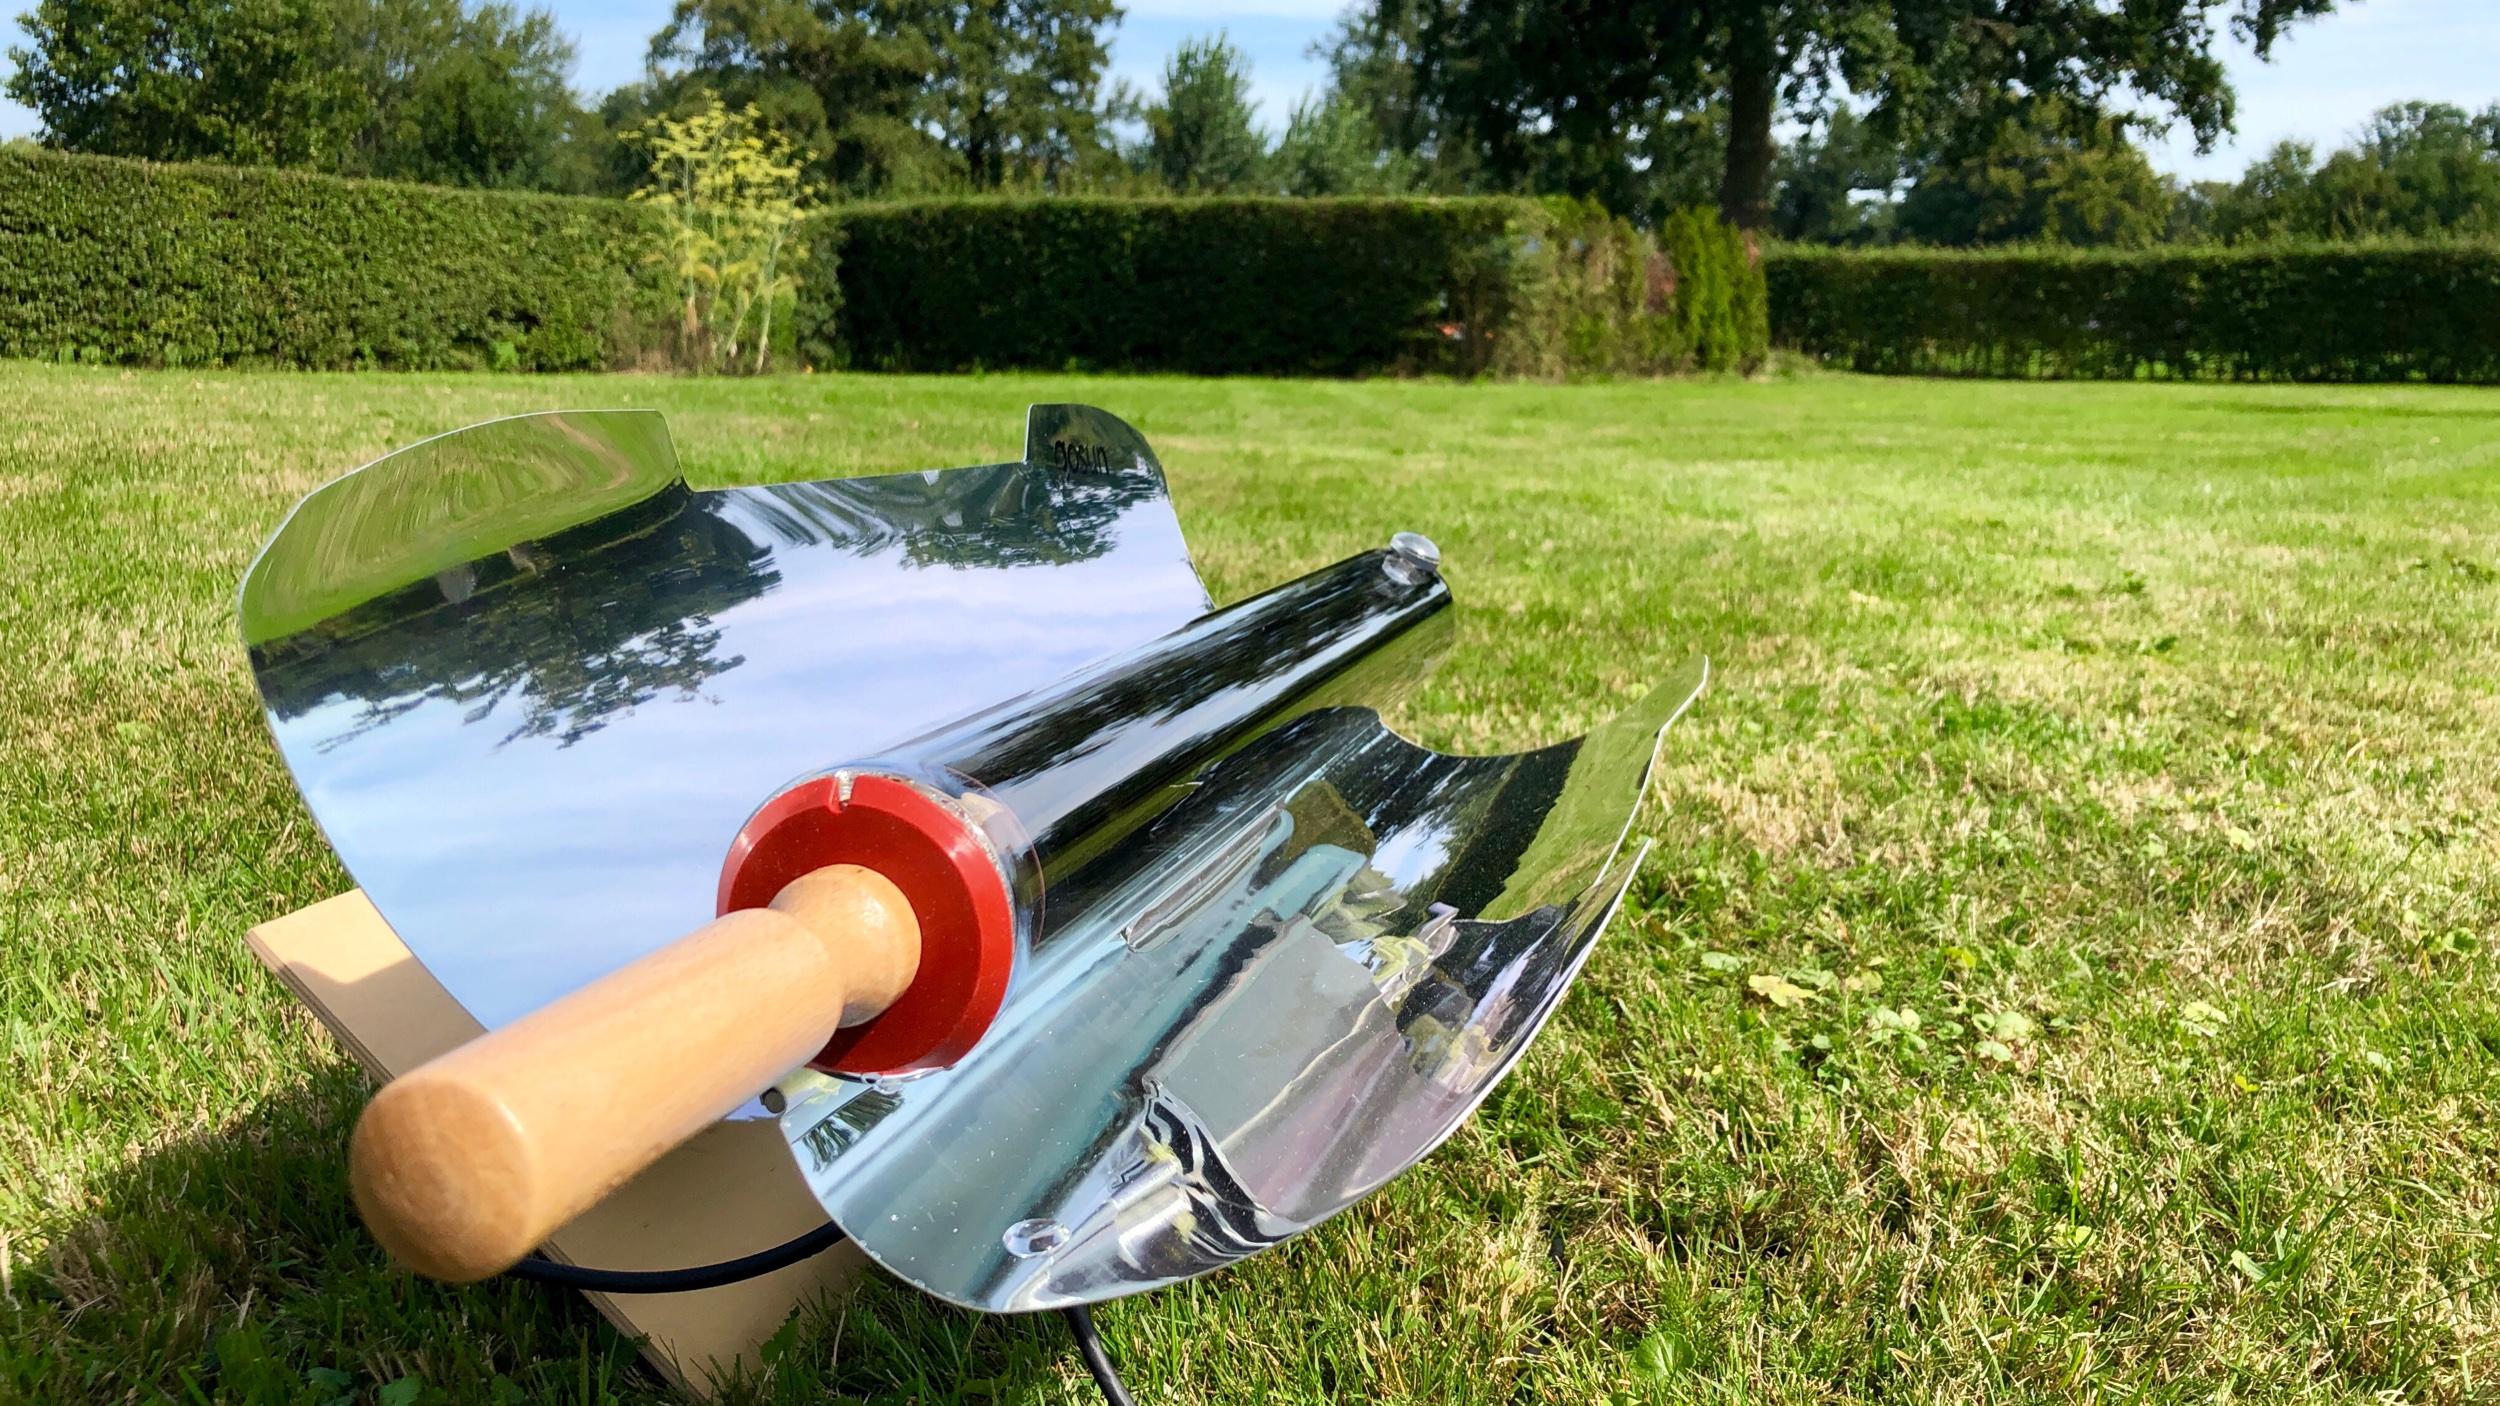 太陽の位置によって、板をかませて反射しやすいように